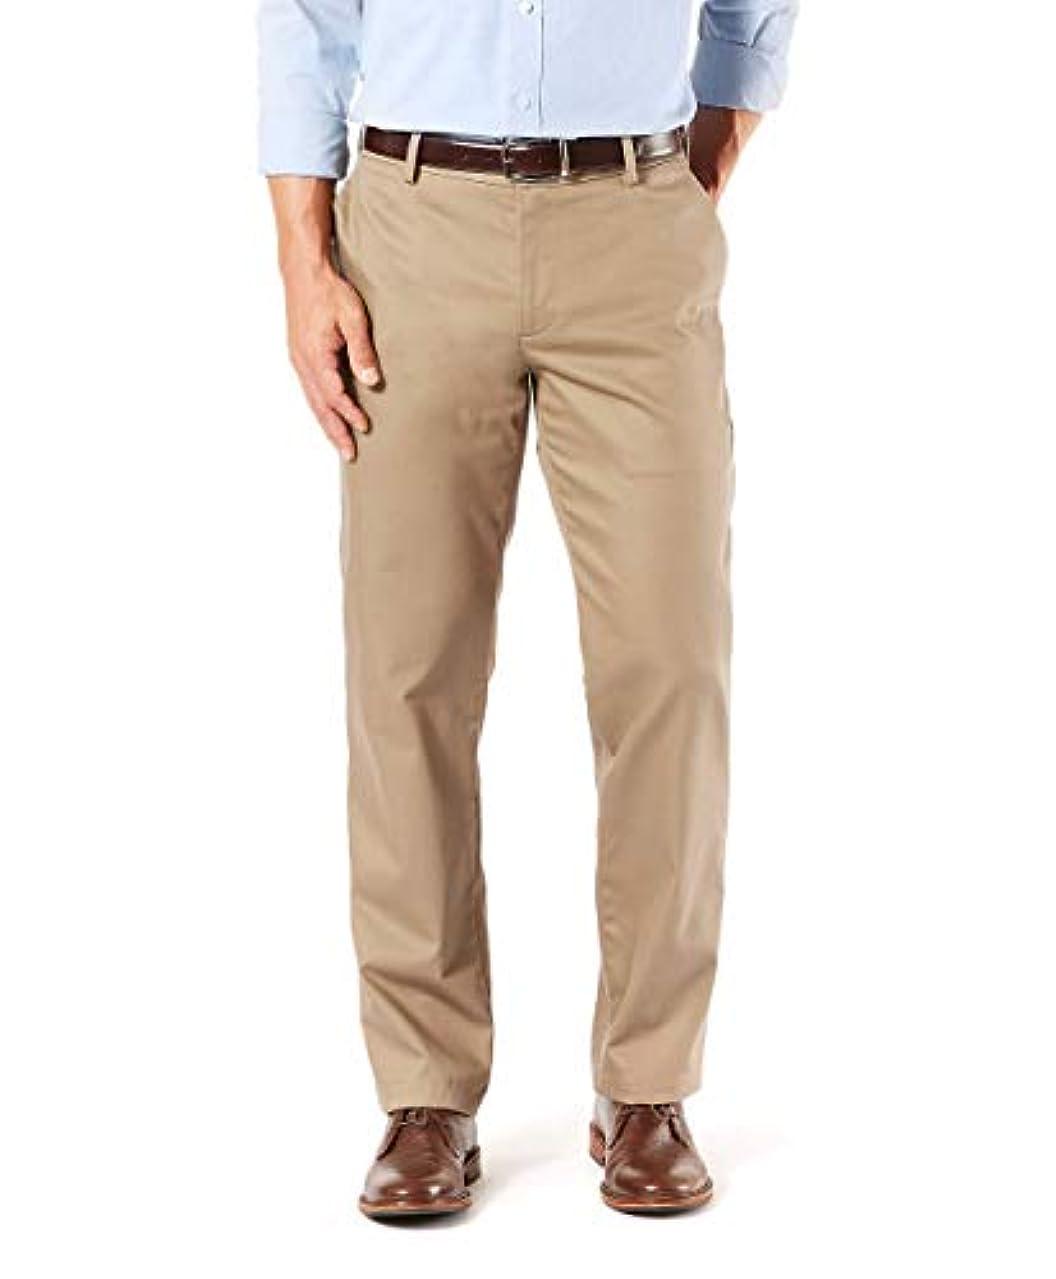 Dockers Men's Straight Fit Signature Khaki Lux Cotton Stretch Pants D2